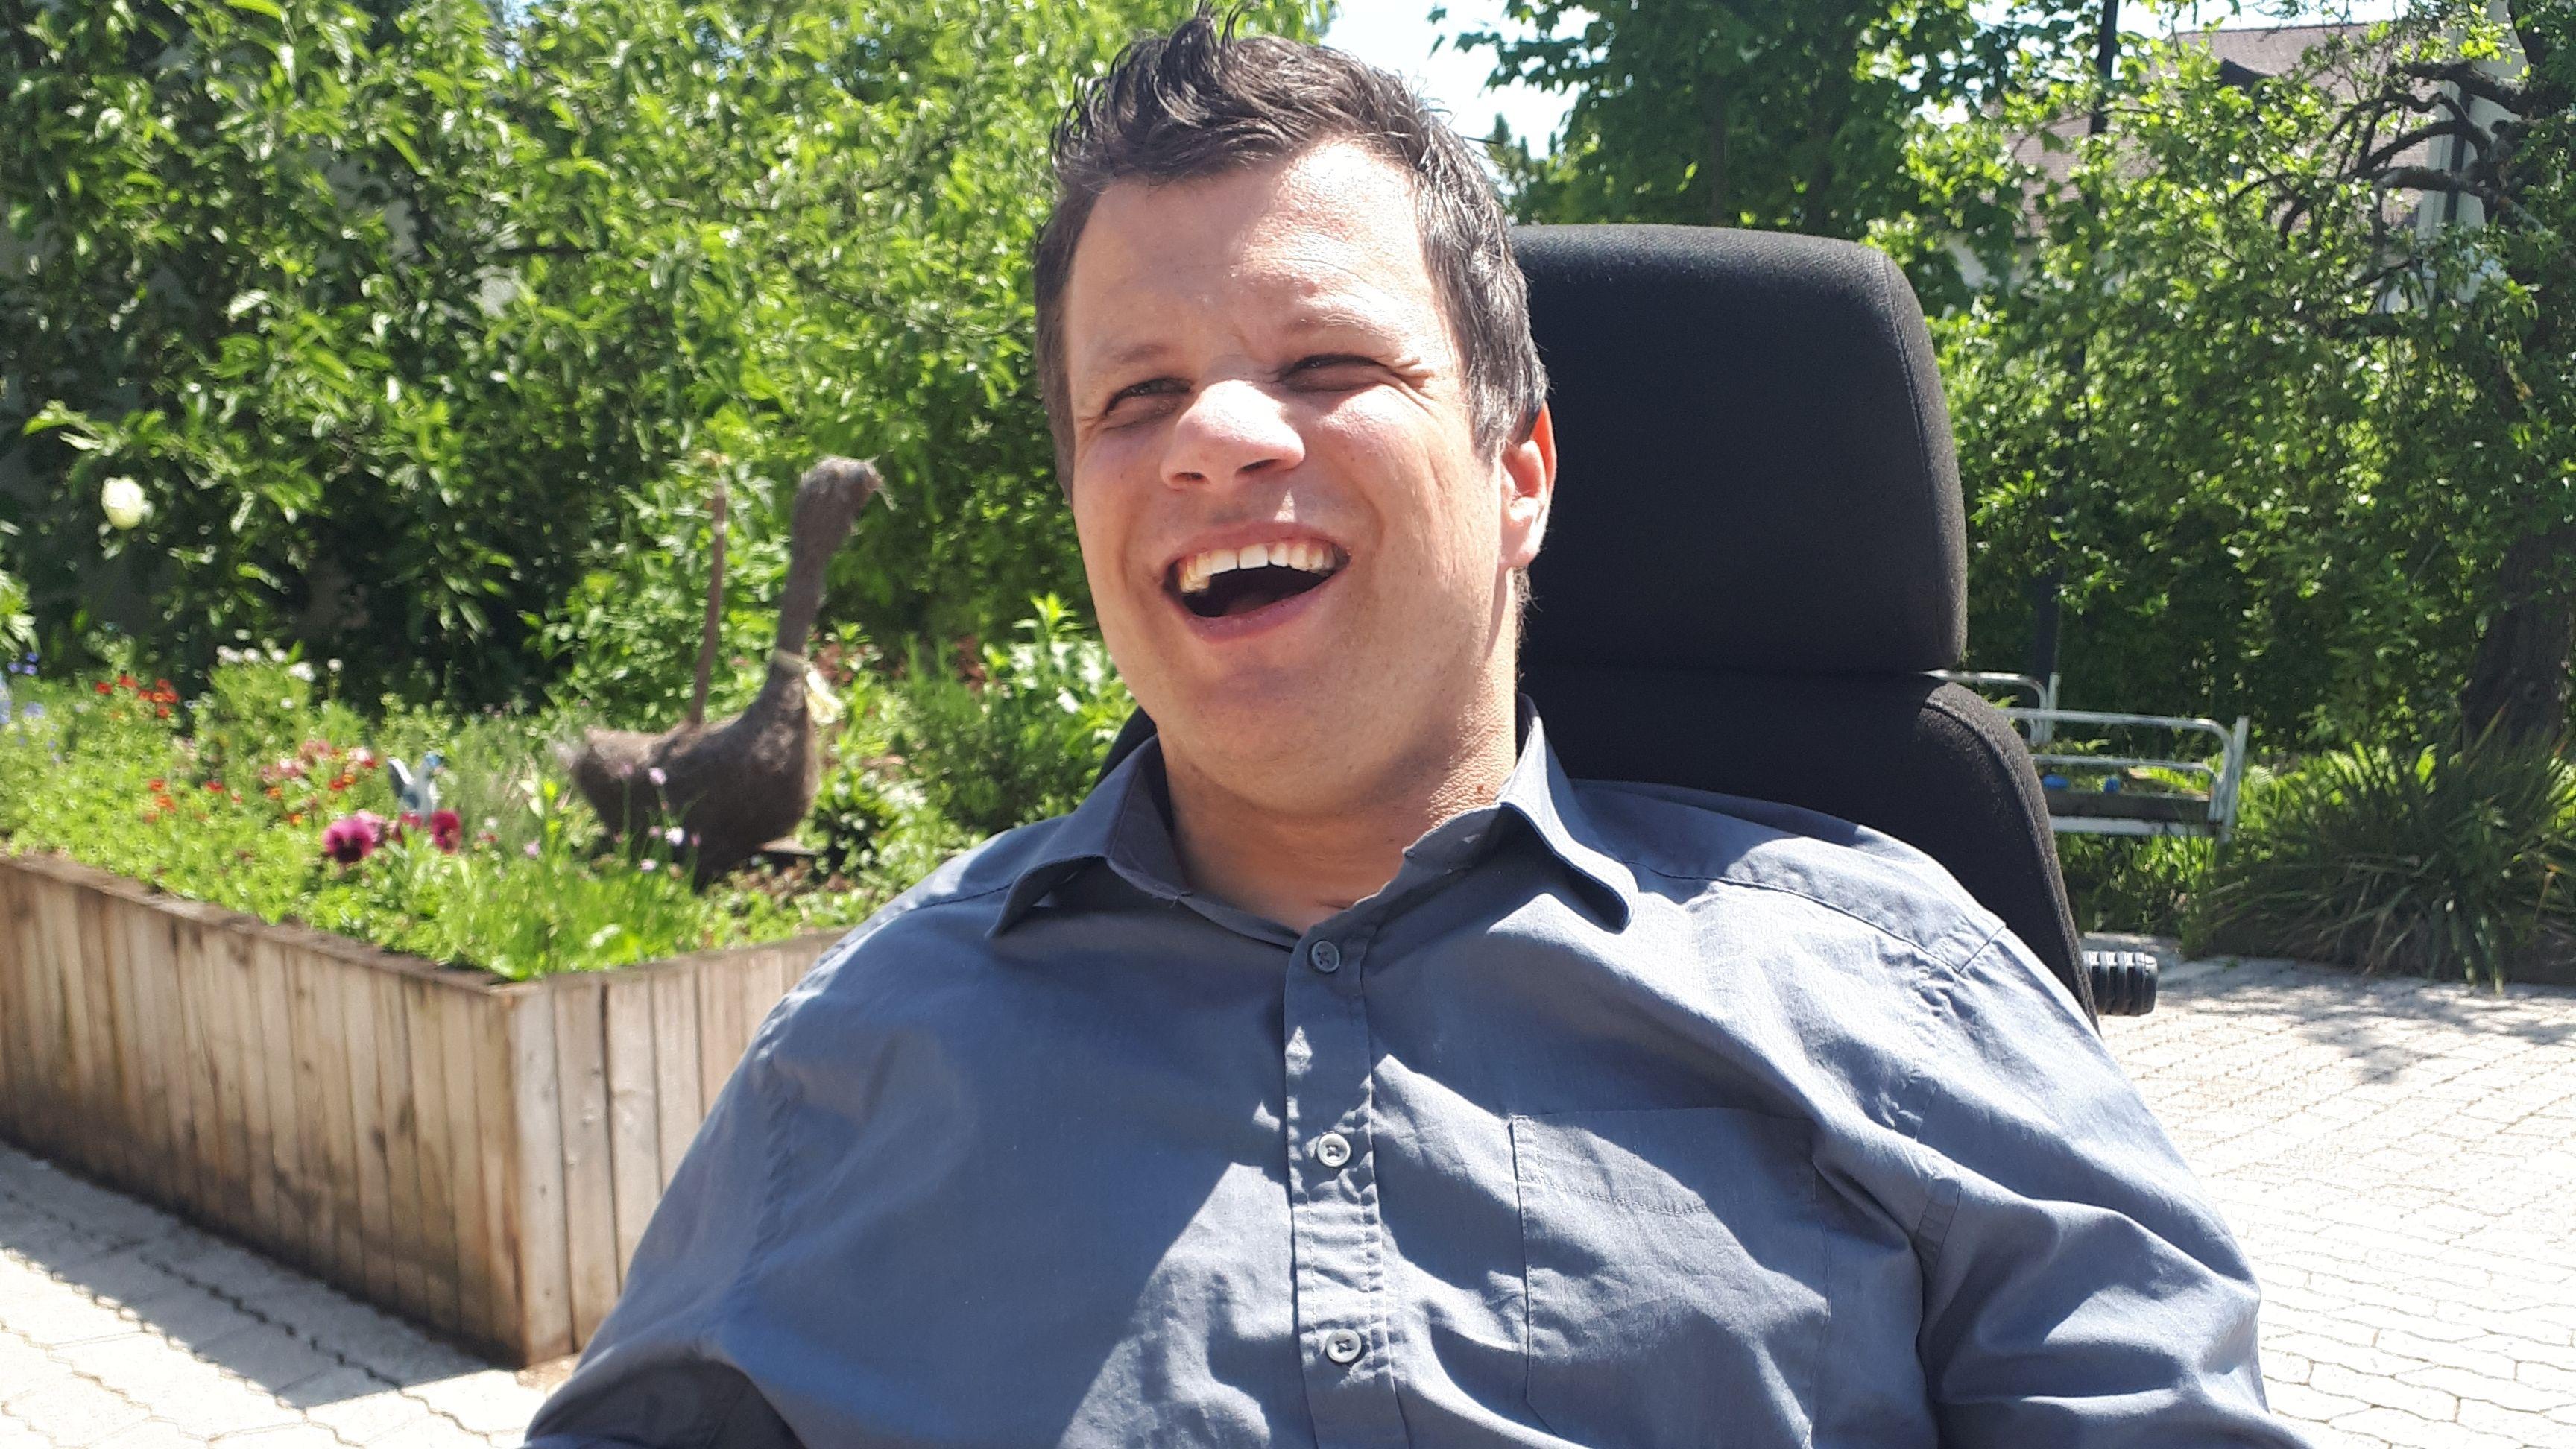 Ein Mann im Rollstuhl lacht. Der Grund: seine erste Teilnahme an einer EU-Wahl.